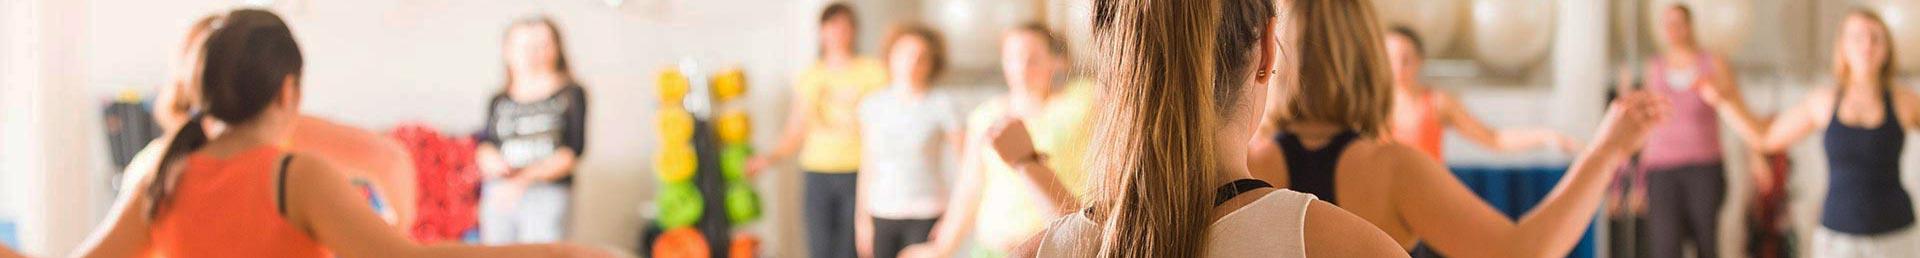 Cours de danse Haute-Garonne